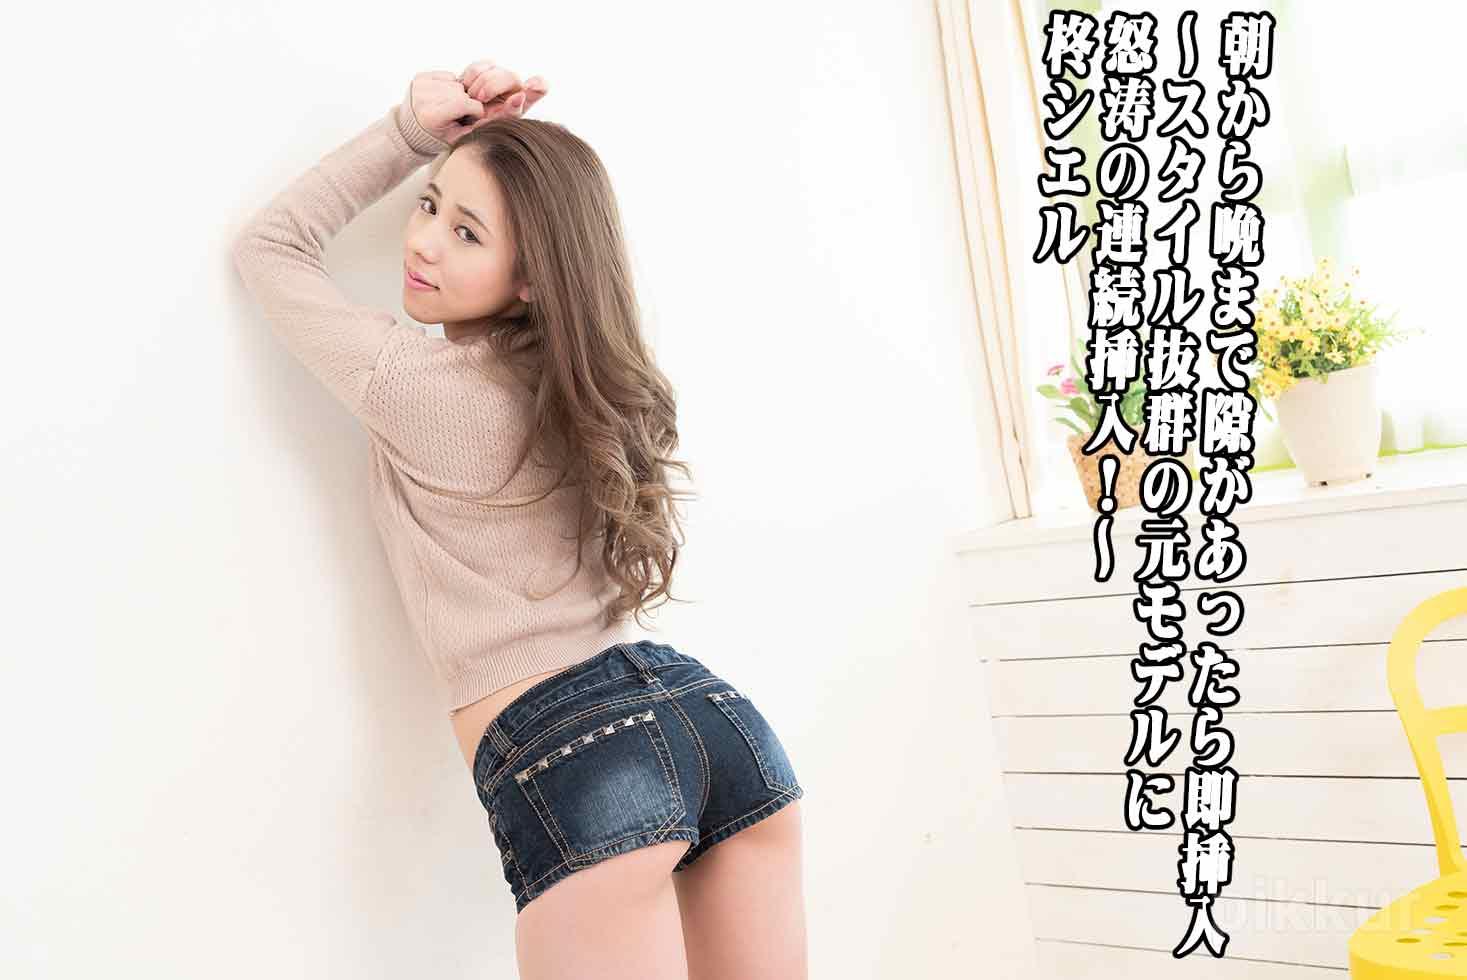 中出し お姉さん 日本人 美乳 69 バック 騎乗位 正上位 美脚 生ハメ 生姦 クンニ フェラ 美尻 スレンダー 指マン